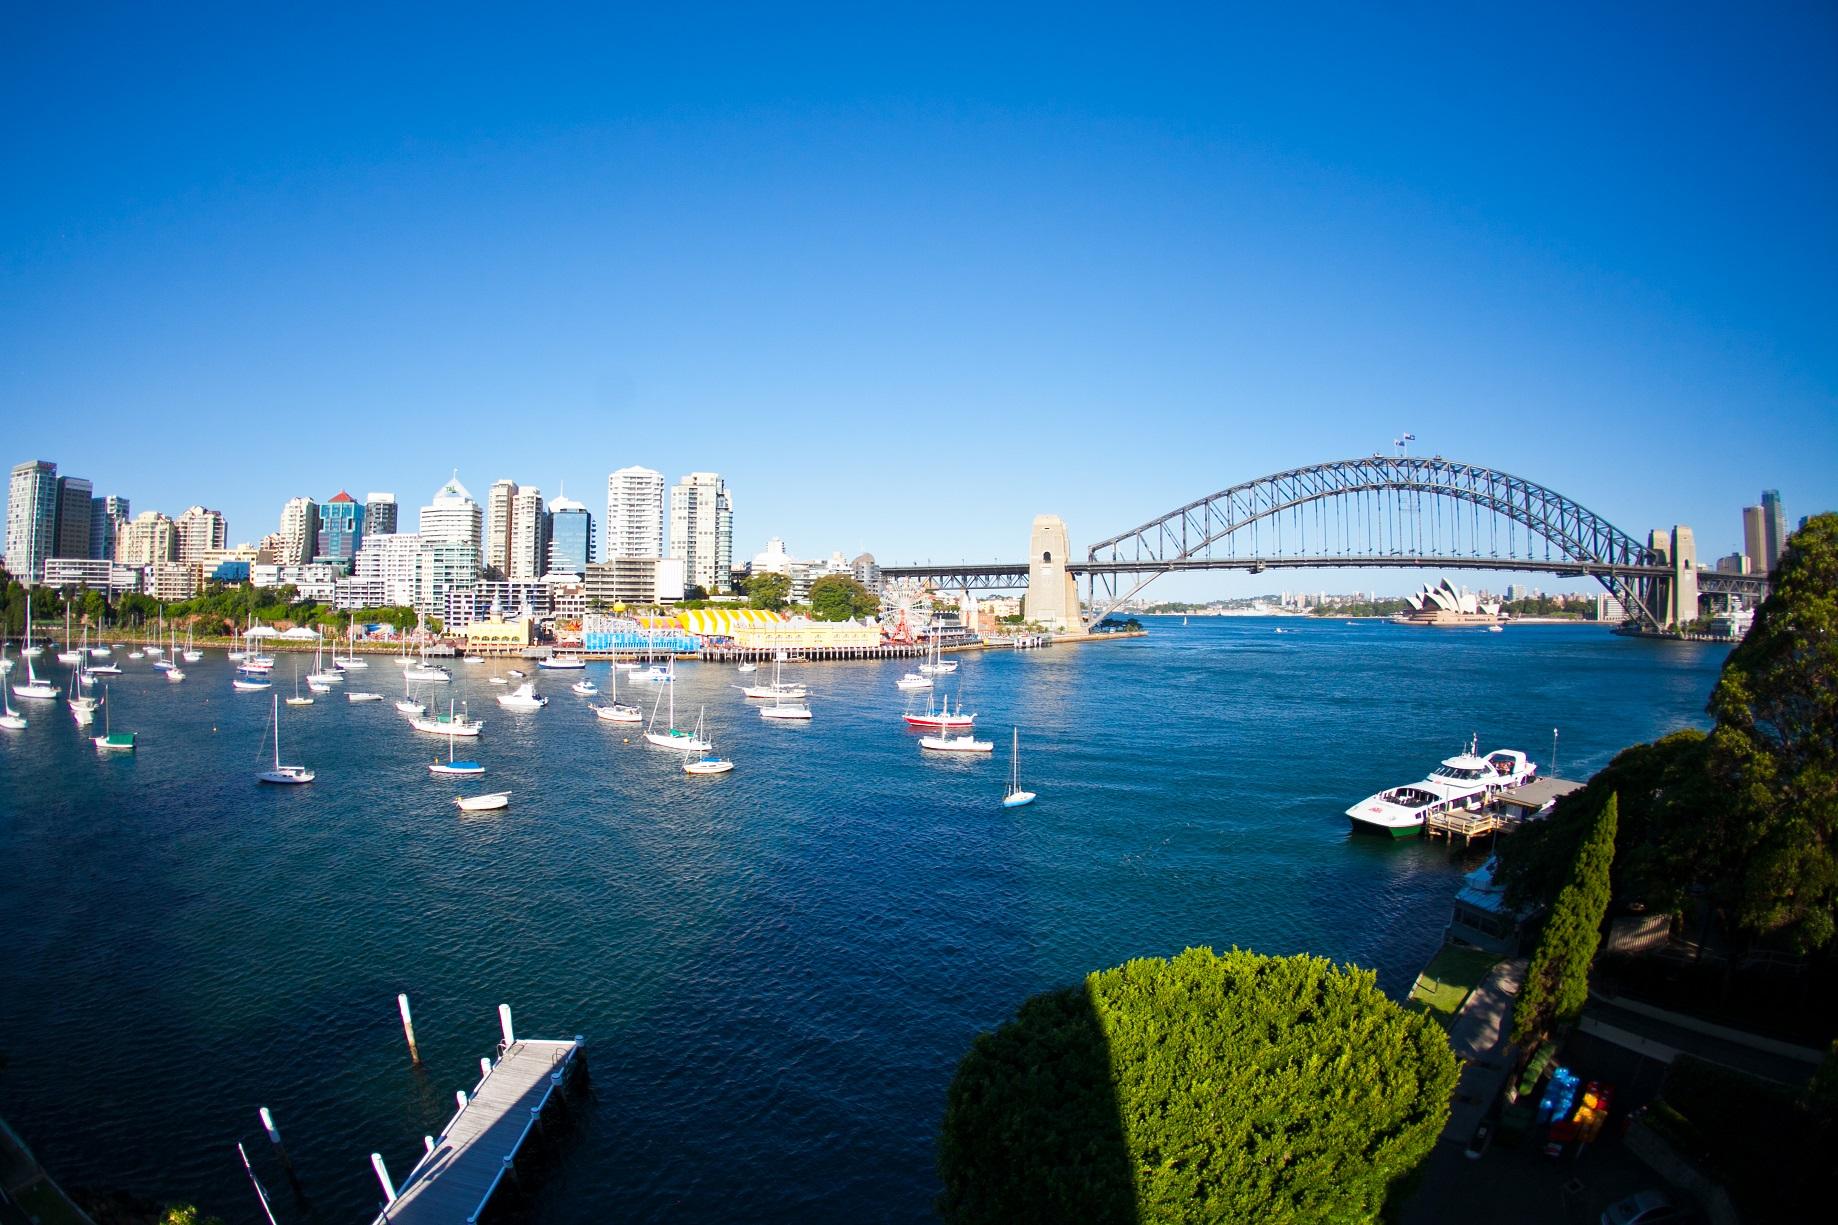 Harbourside Car Park Darling Harbour Sydney